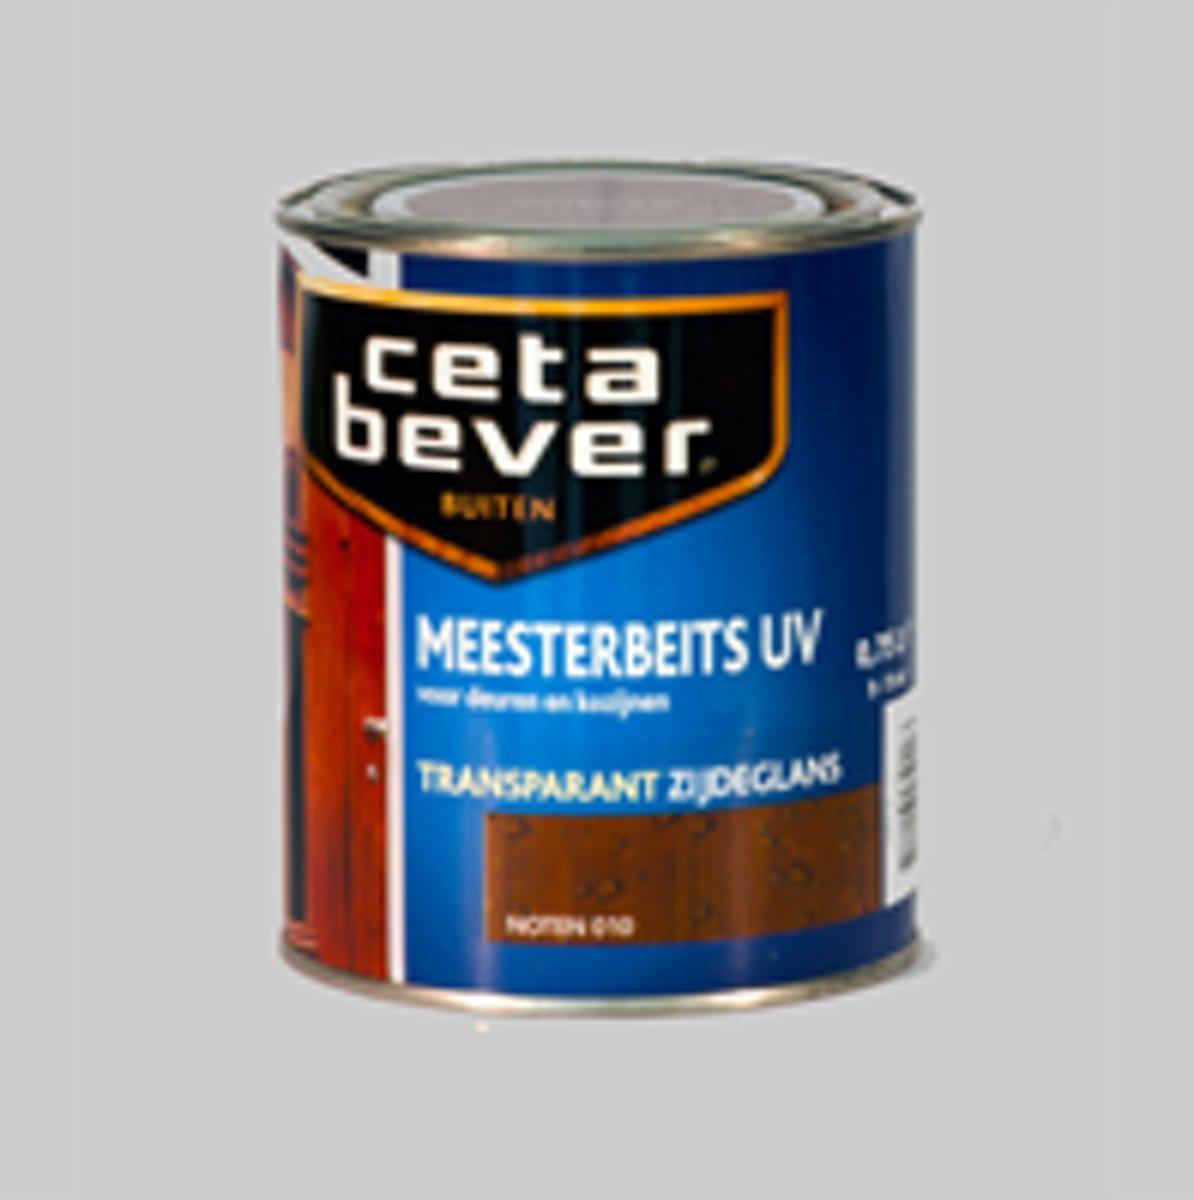 Cetabever Meesterbeits UV Transparant Noten 010 Zijdeglans - 3 x 0,75 Liter